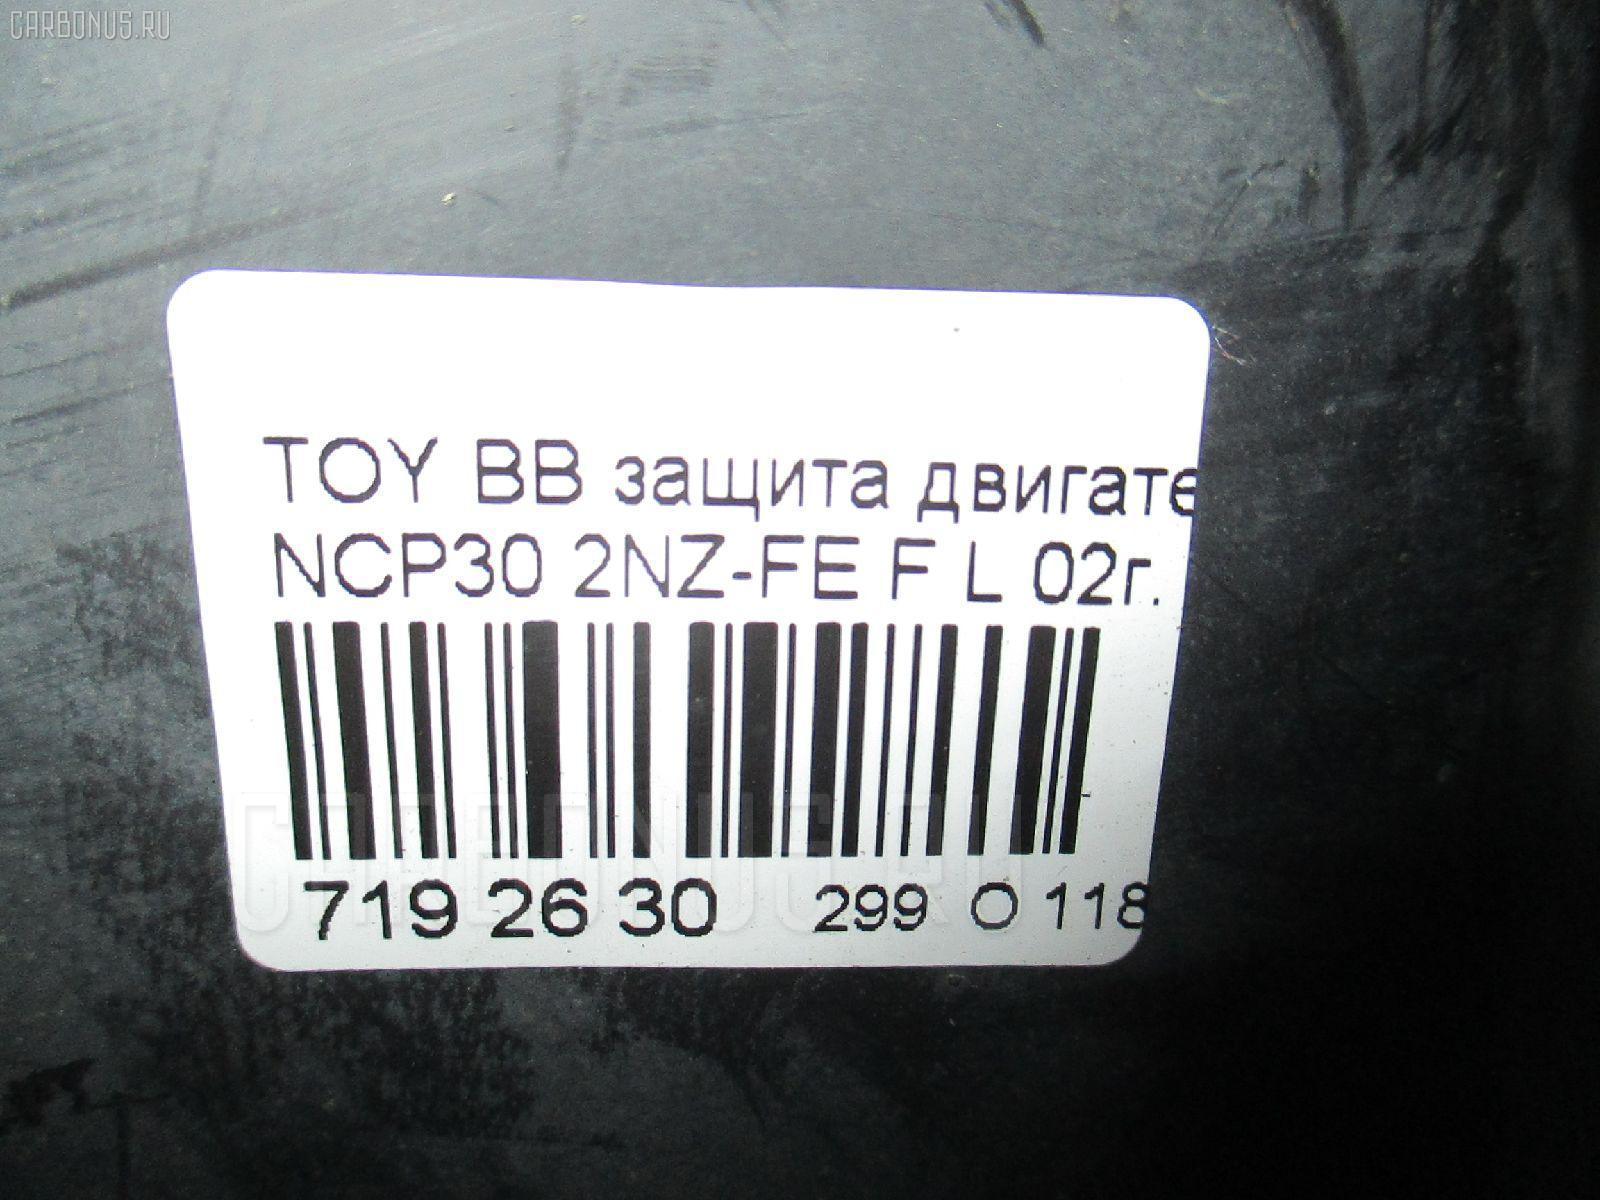 Защита двигателя TOYOTA BB NCP30 2NZ-FE Фото 7